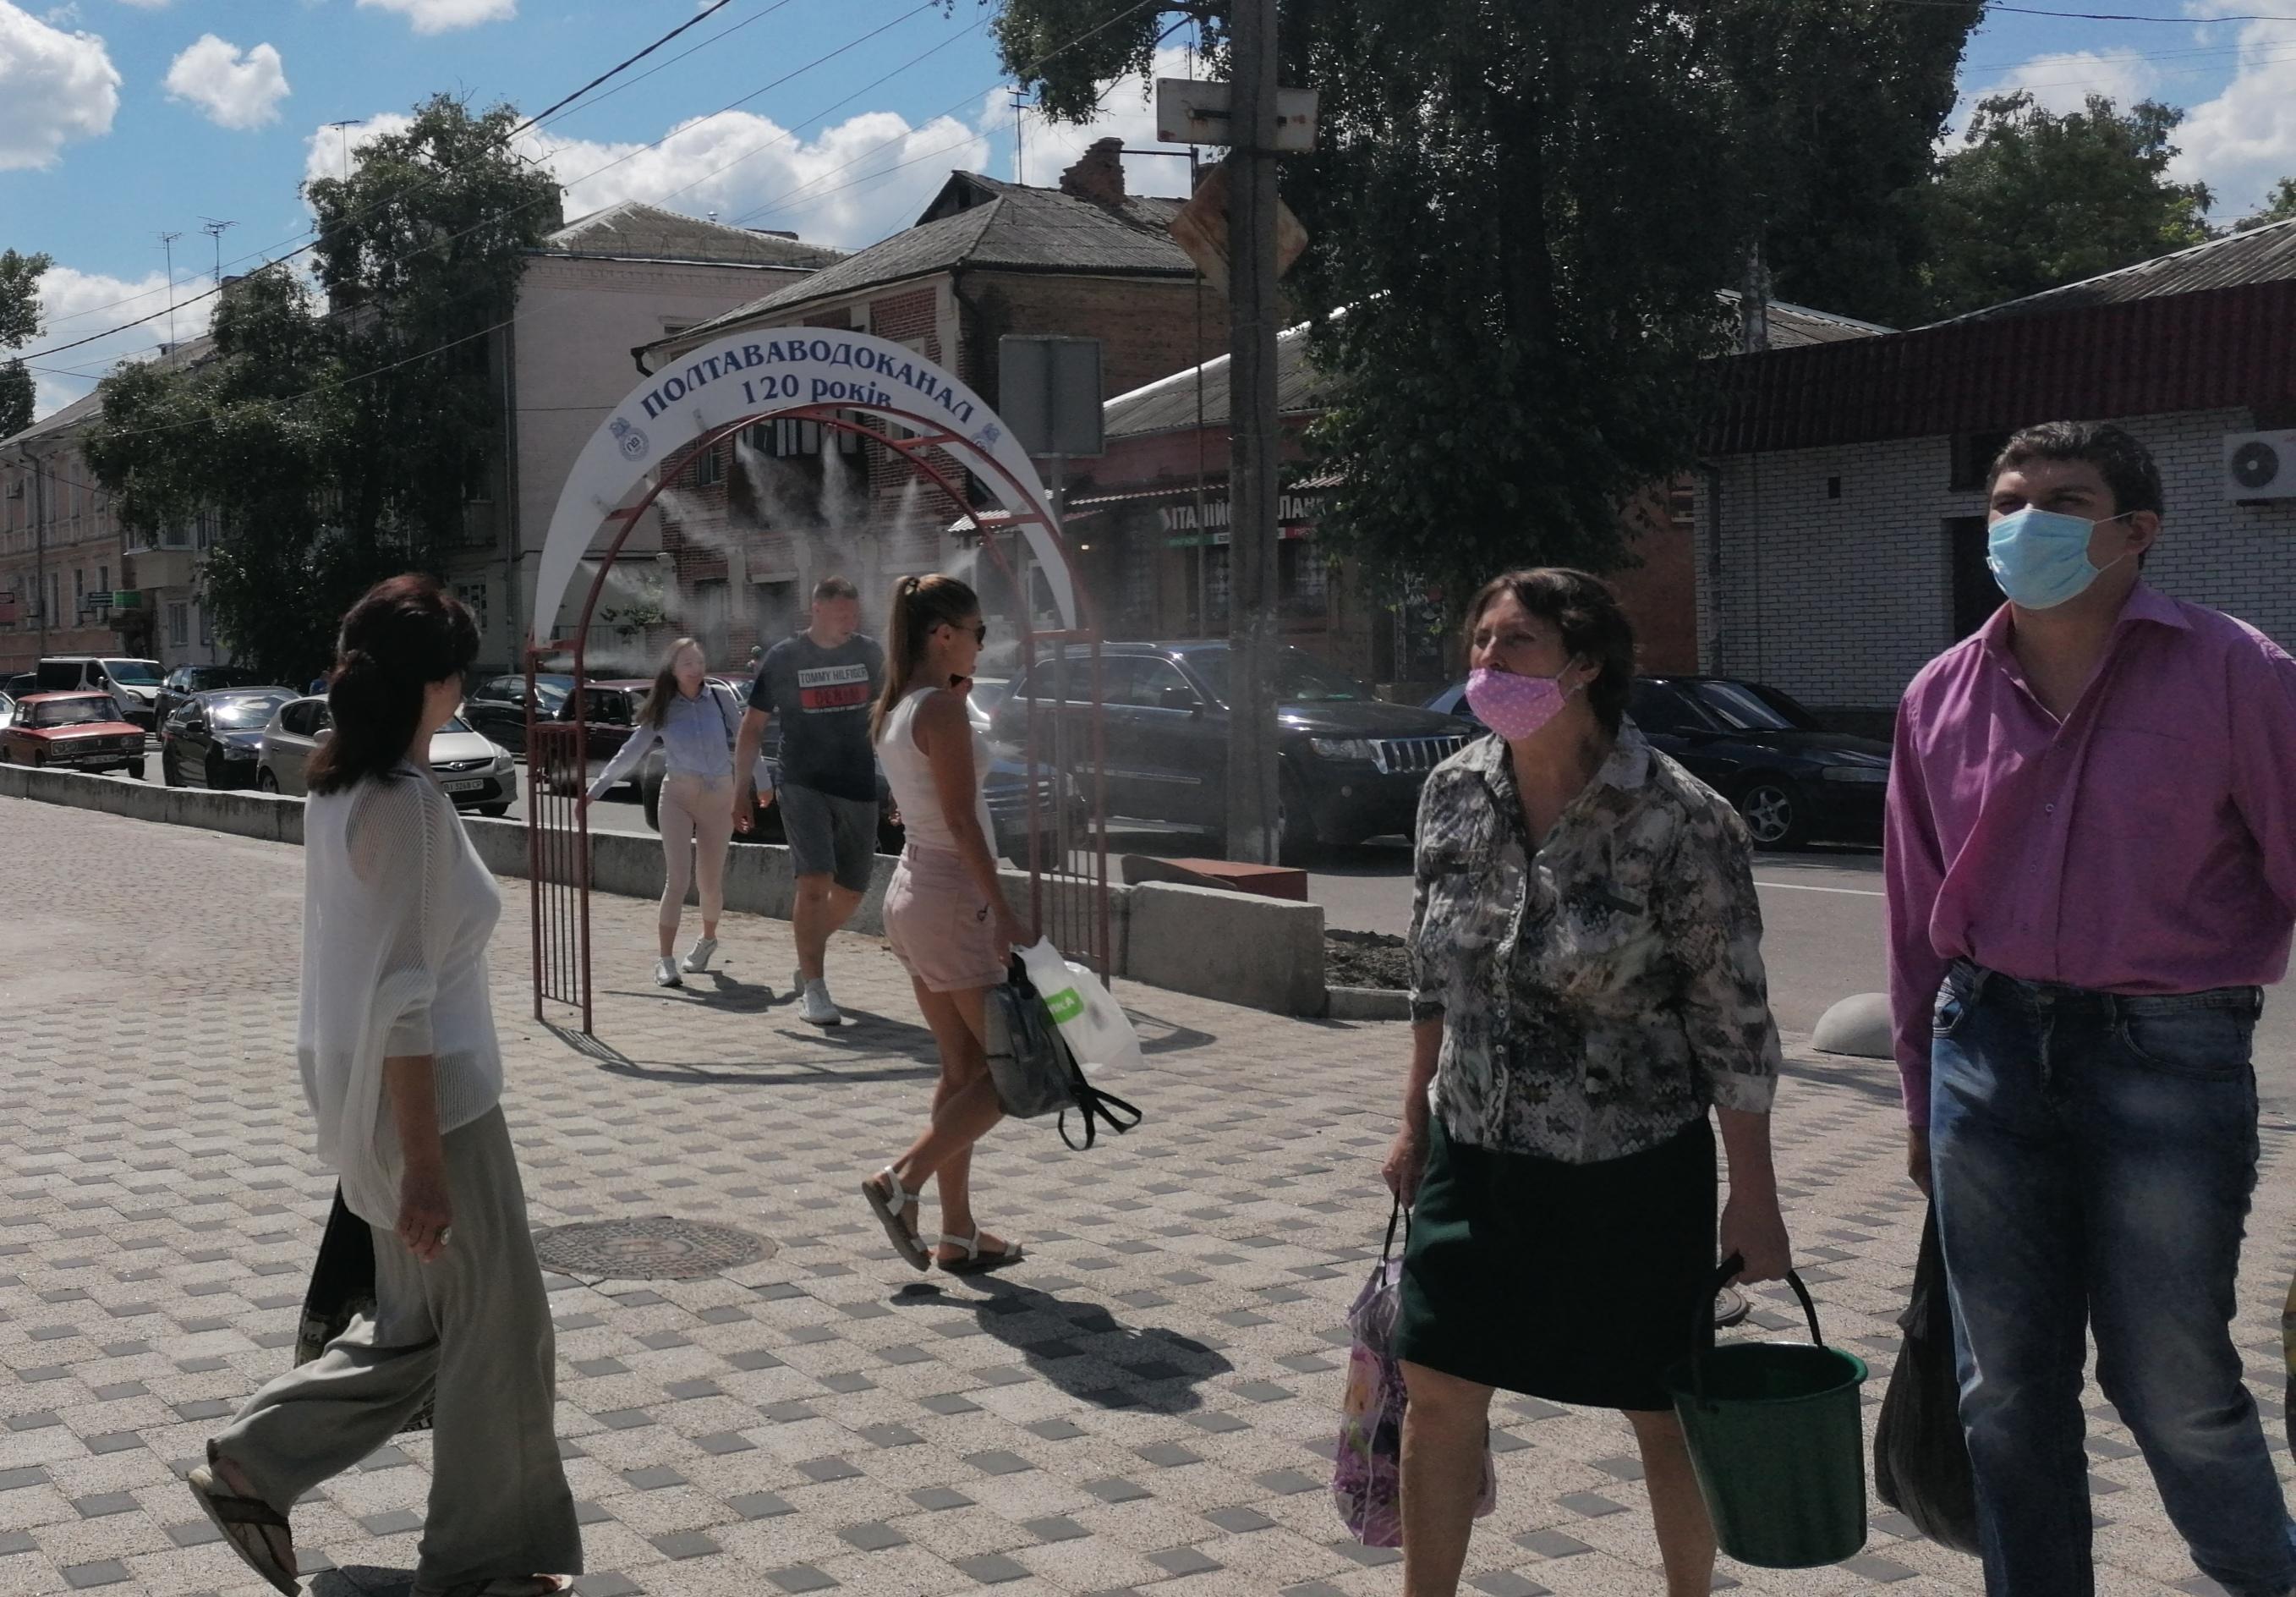 В Полтаве объявили конкурс на лучшее фото с туманообразующей аркой